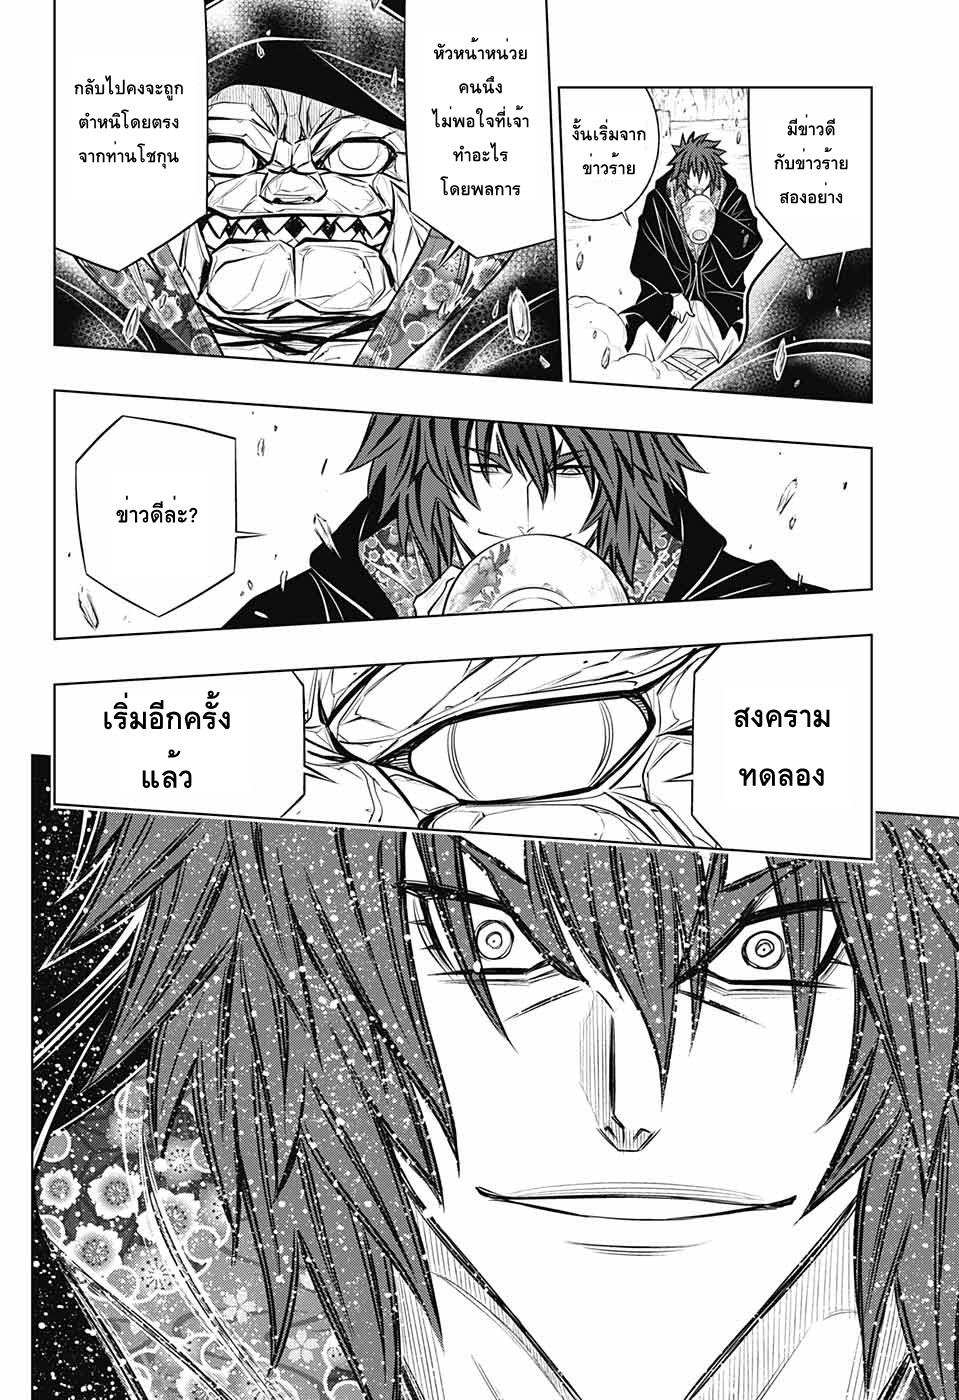 อ่านการ์ตูน Rurouni Kenshin: Hokkaido Arc ตอนที่ 16 หน้าที่ 4